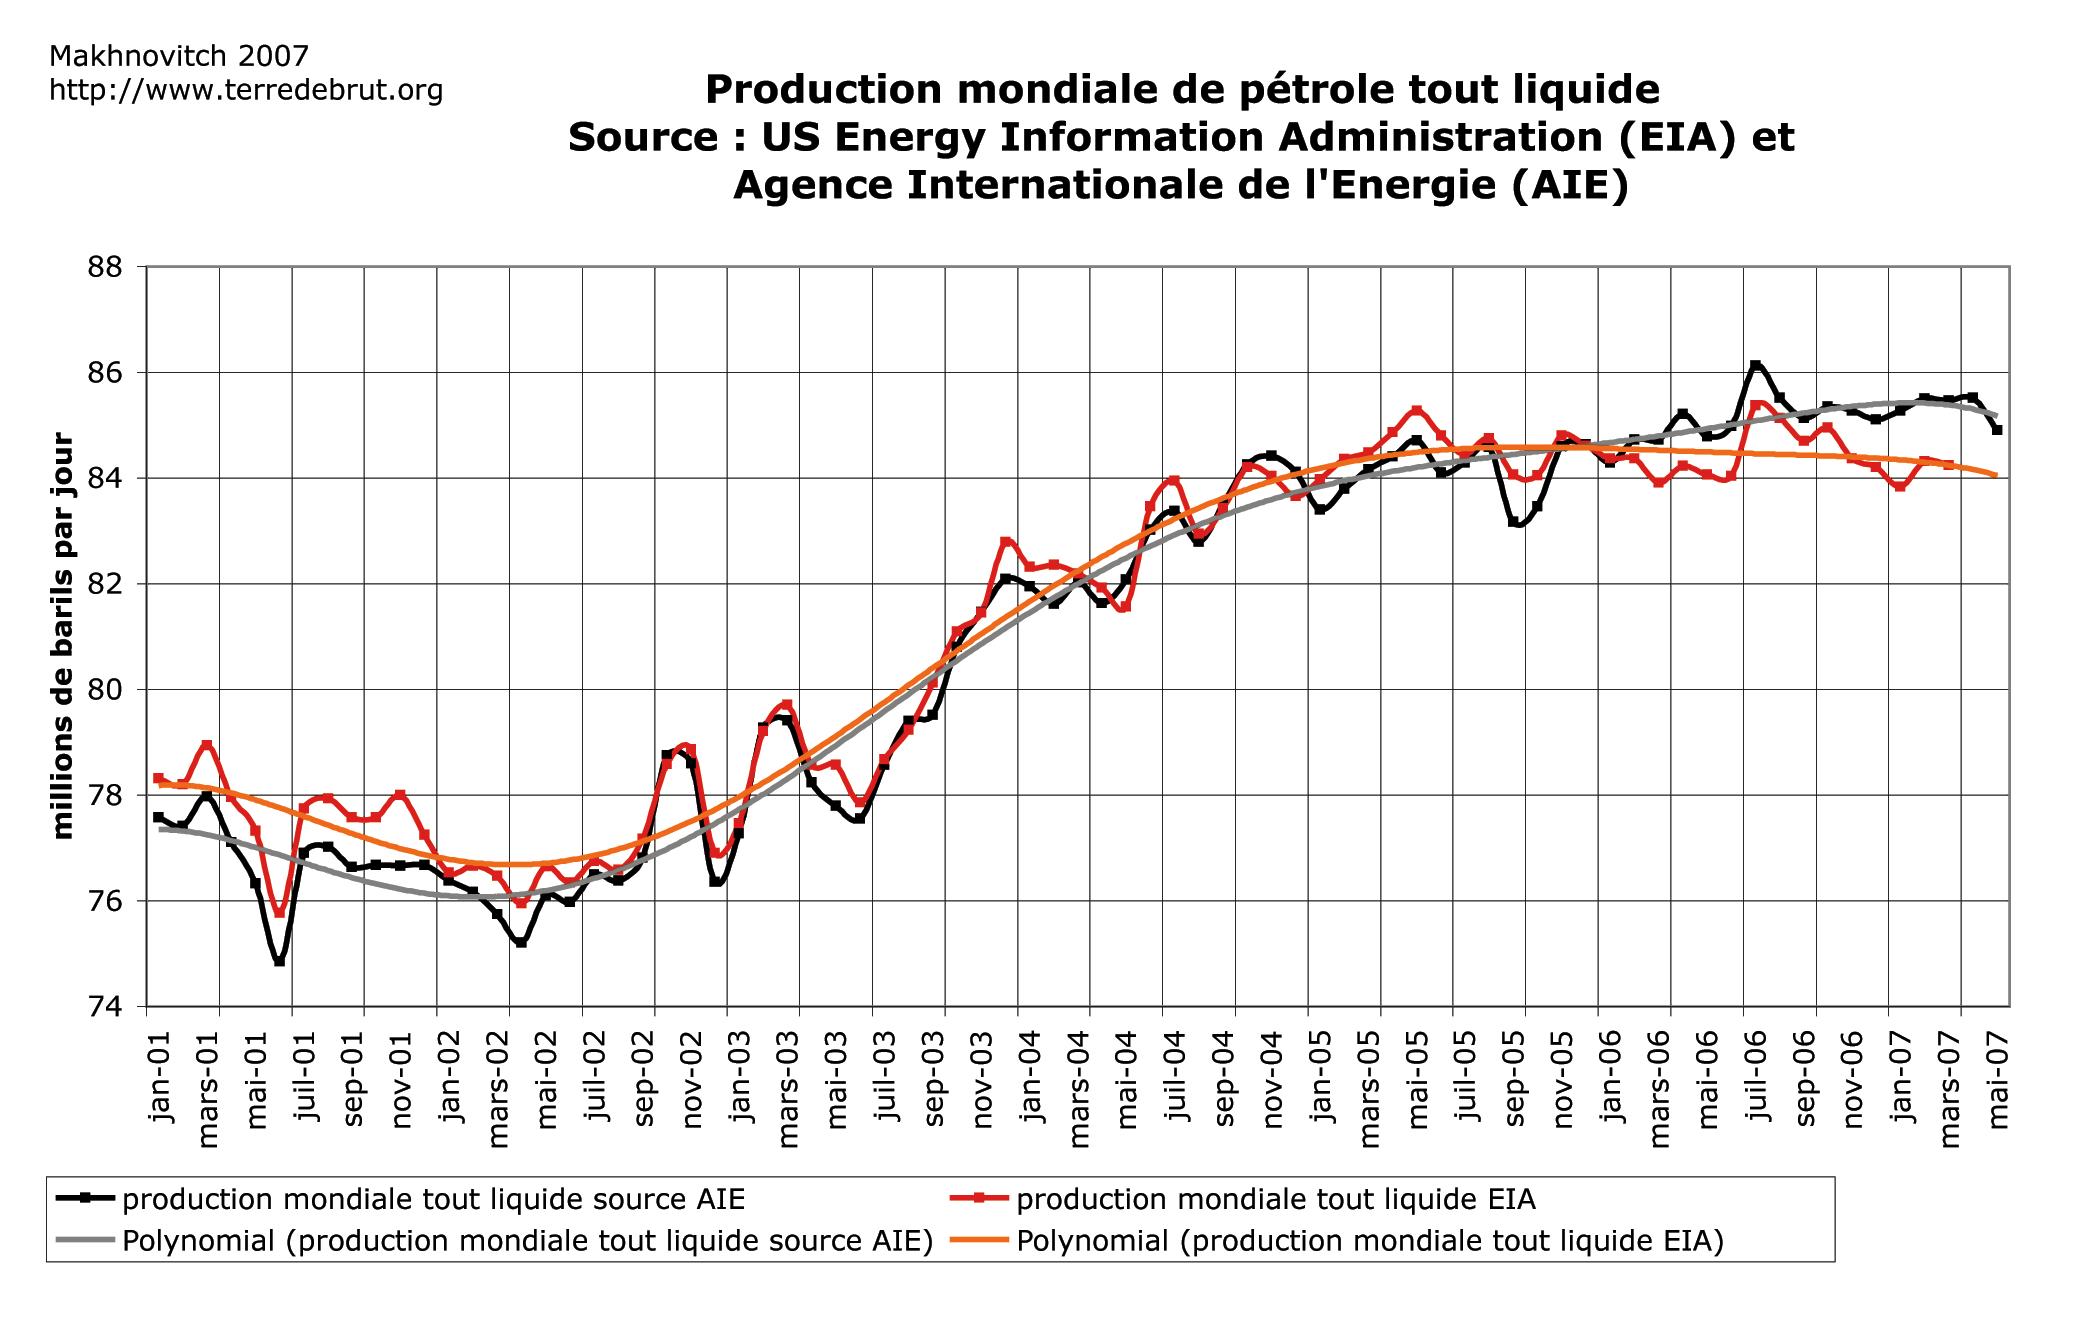 Le pic de pétrole et ses conséquences - Page 6 Prodmond0607